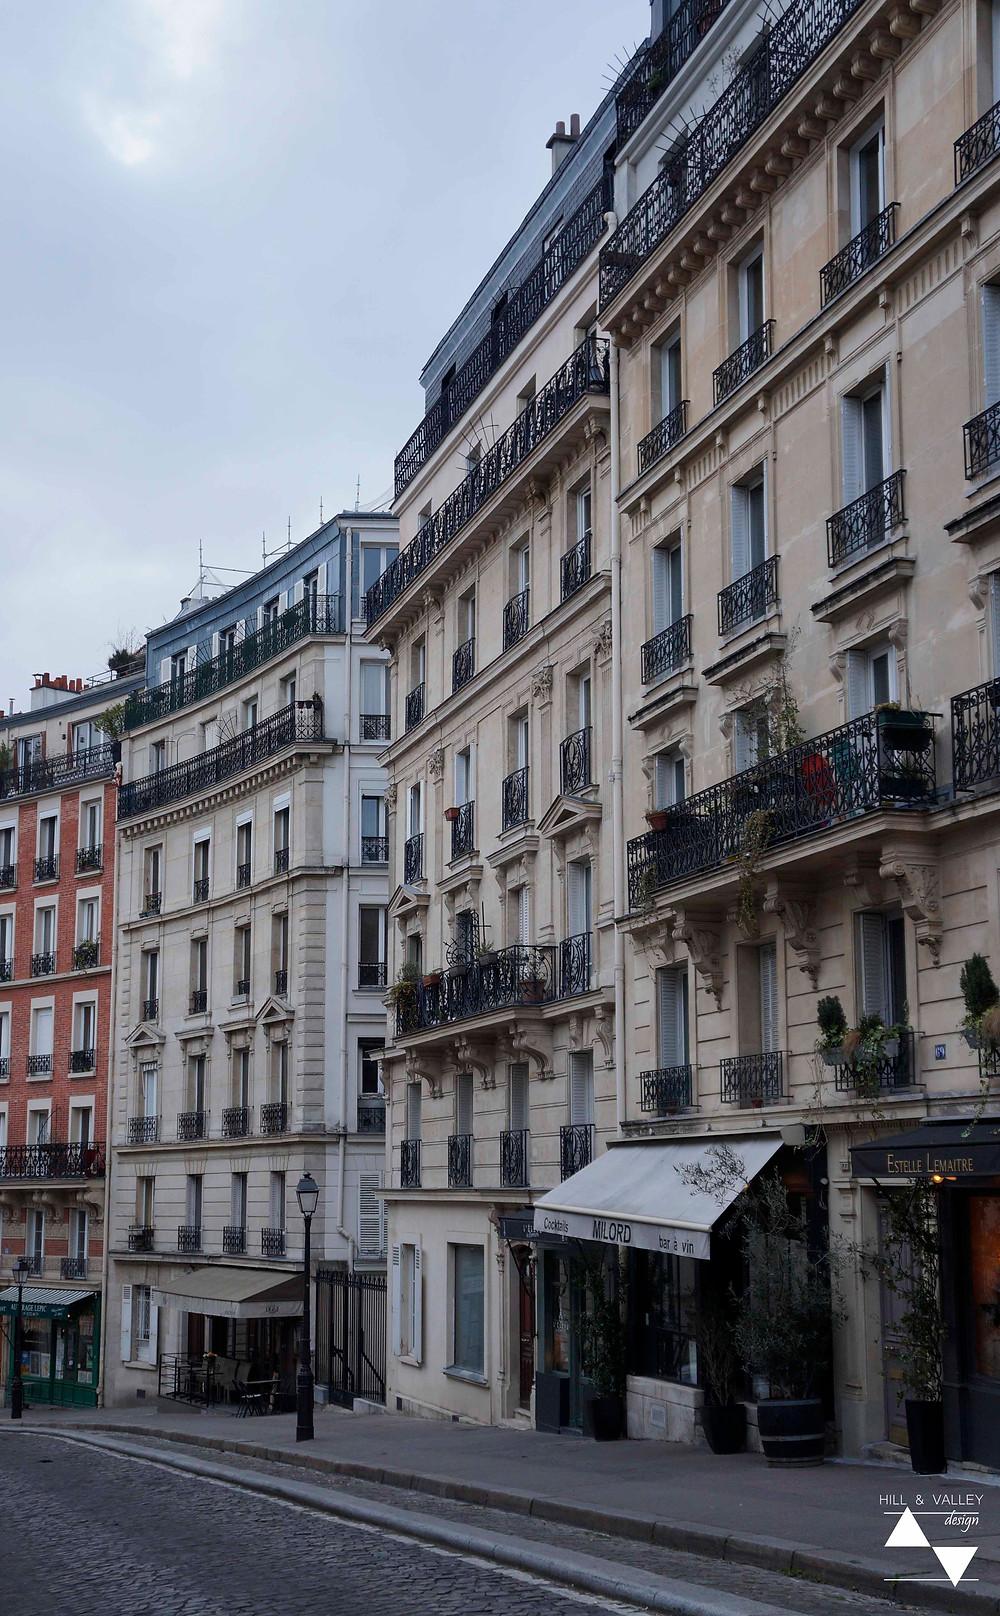 a cobblestone street in Montmartre